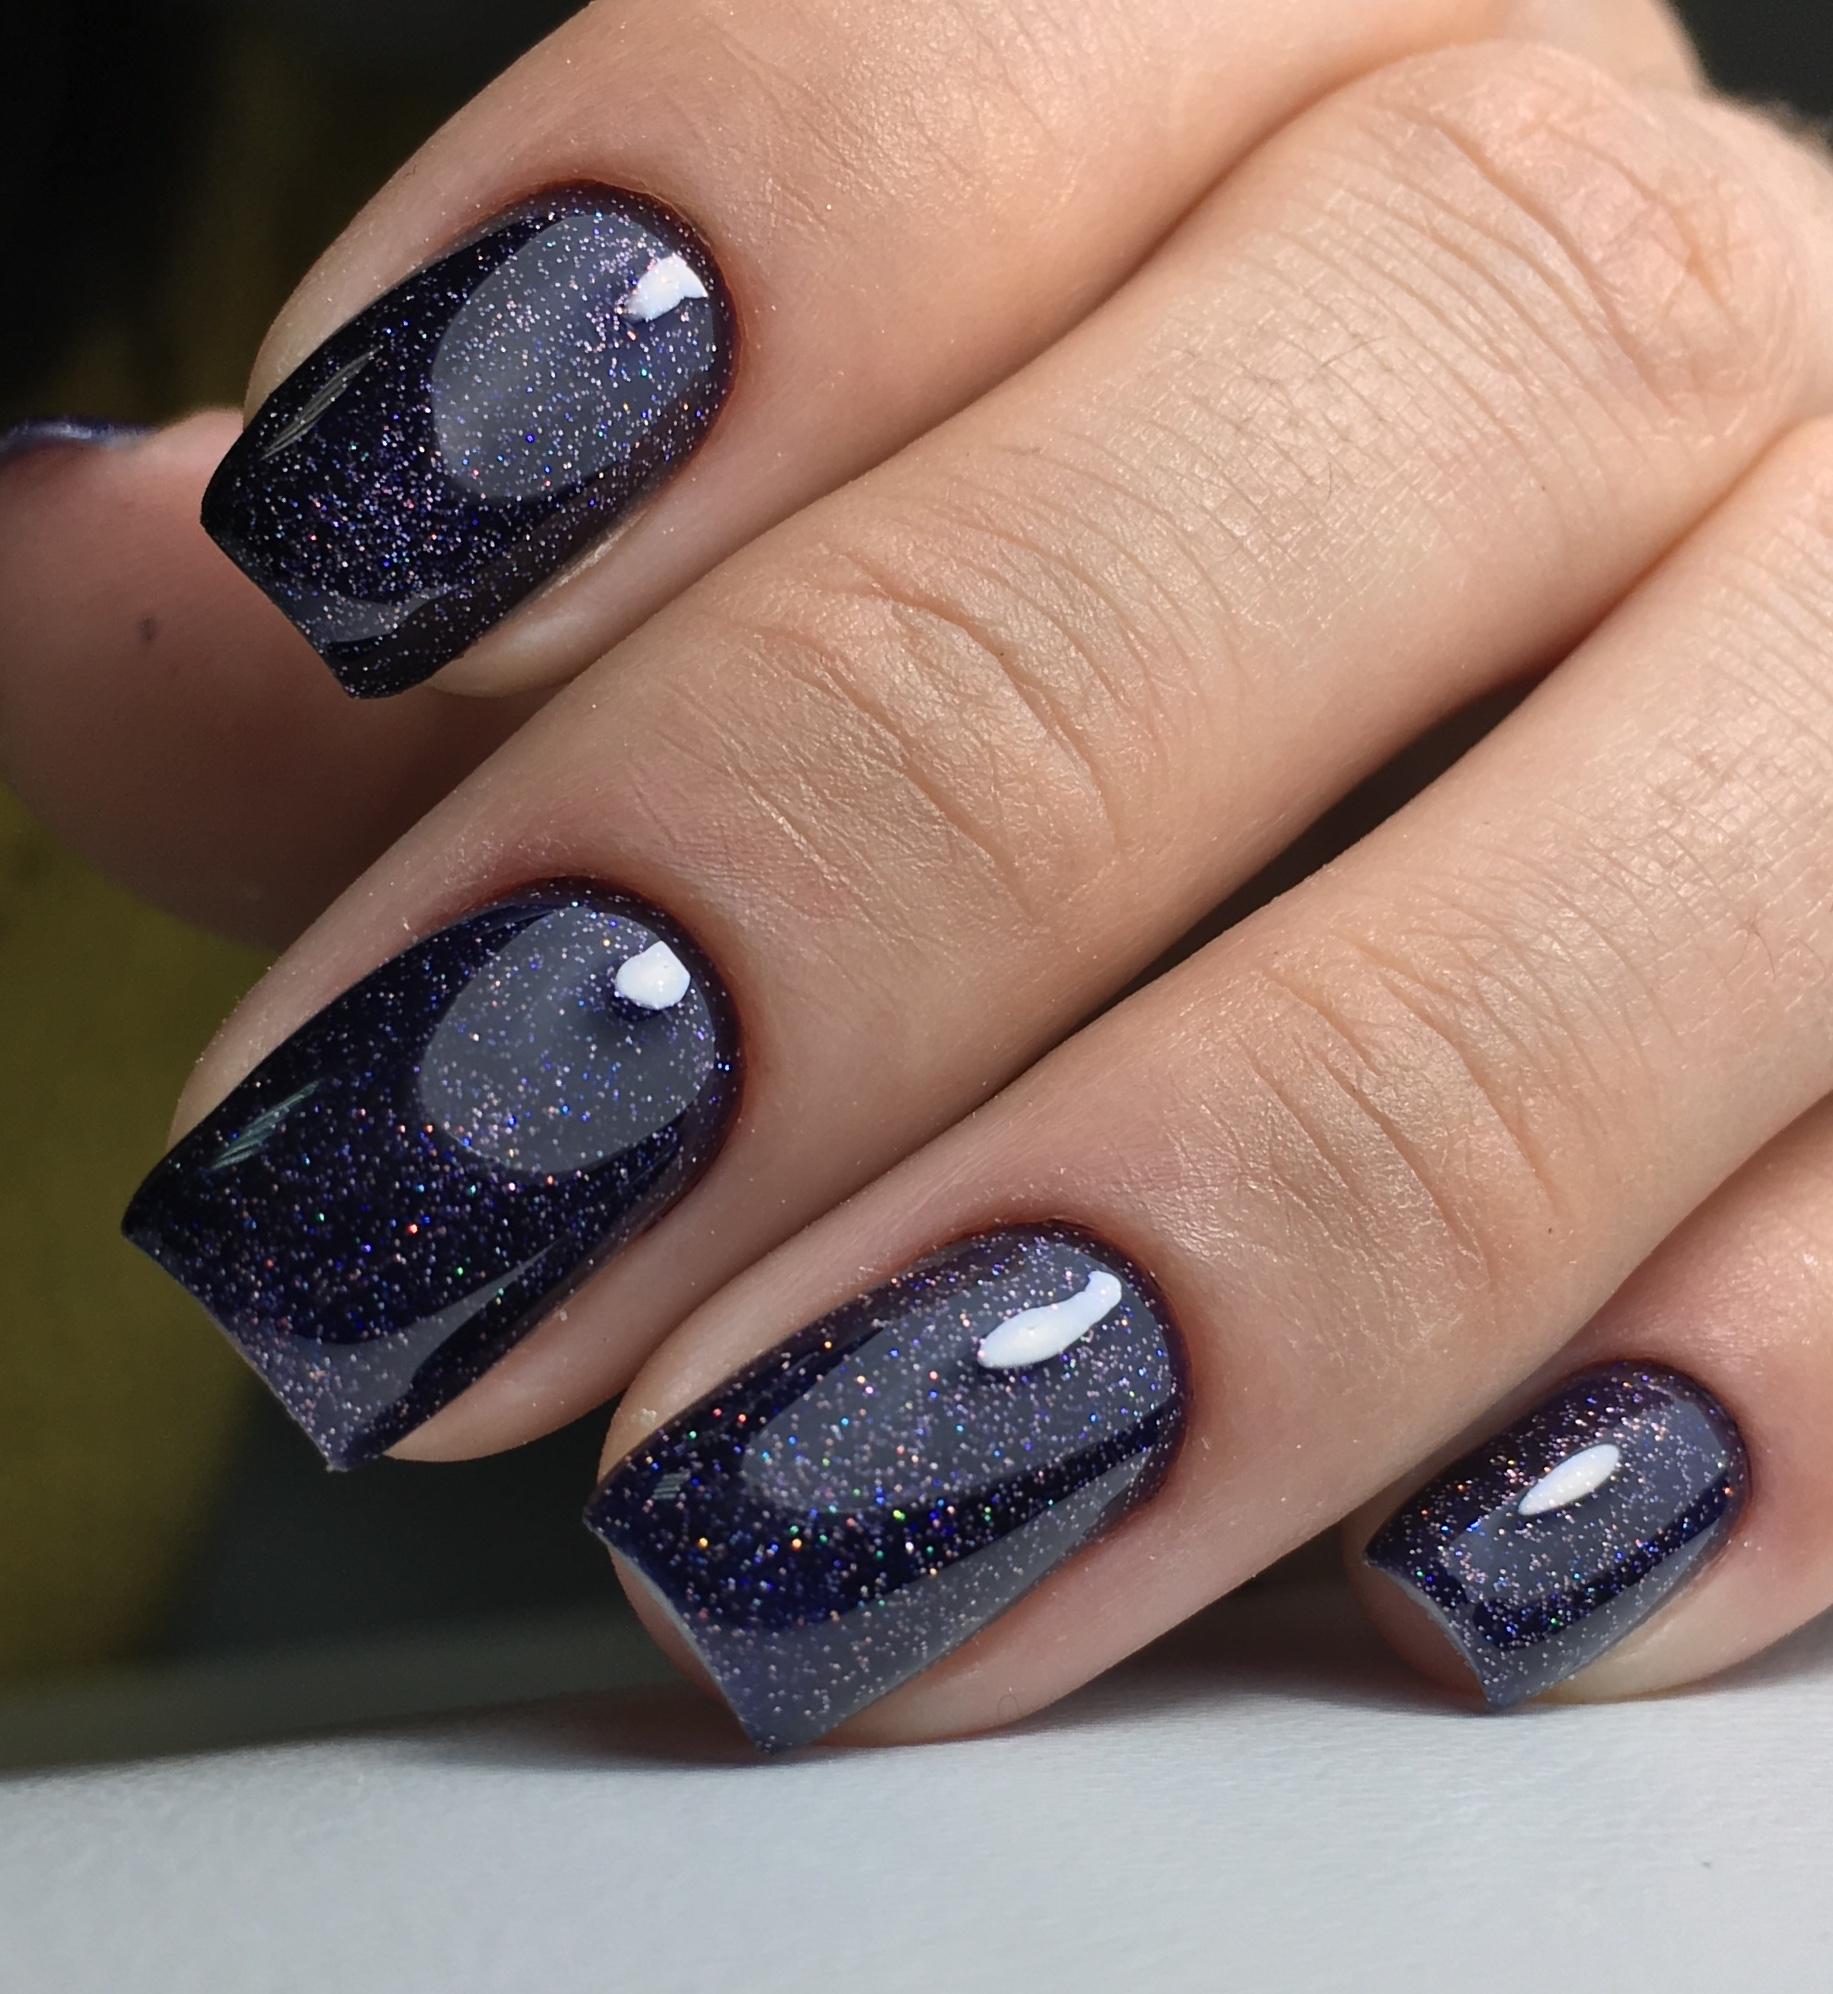 Маникюр в тёмно-синем цвете с блёстками.